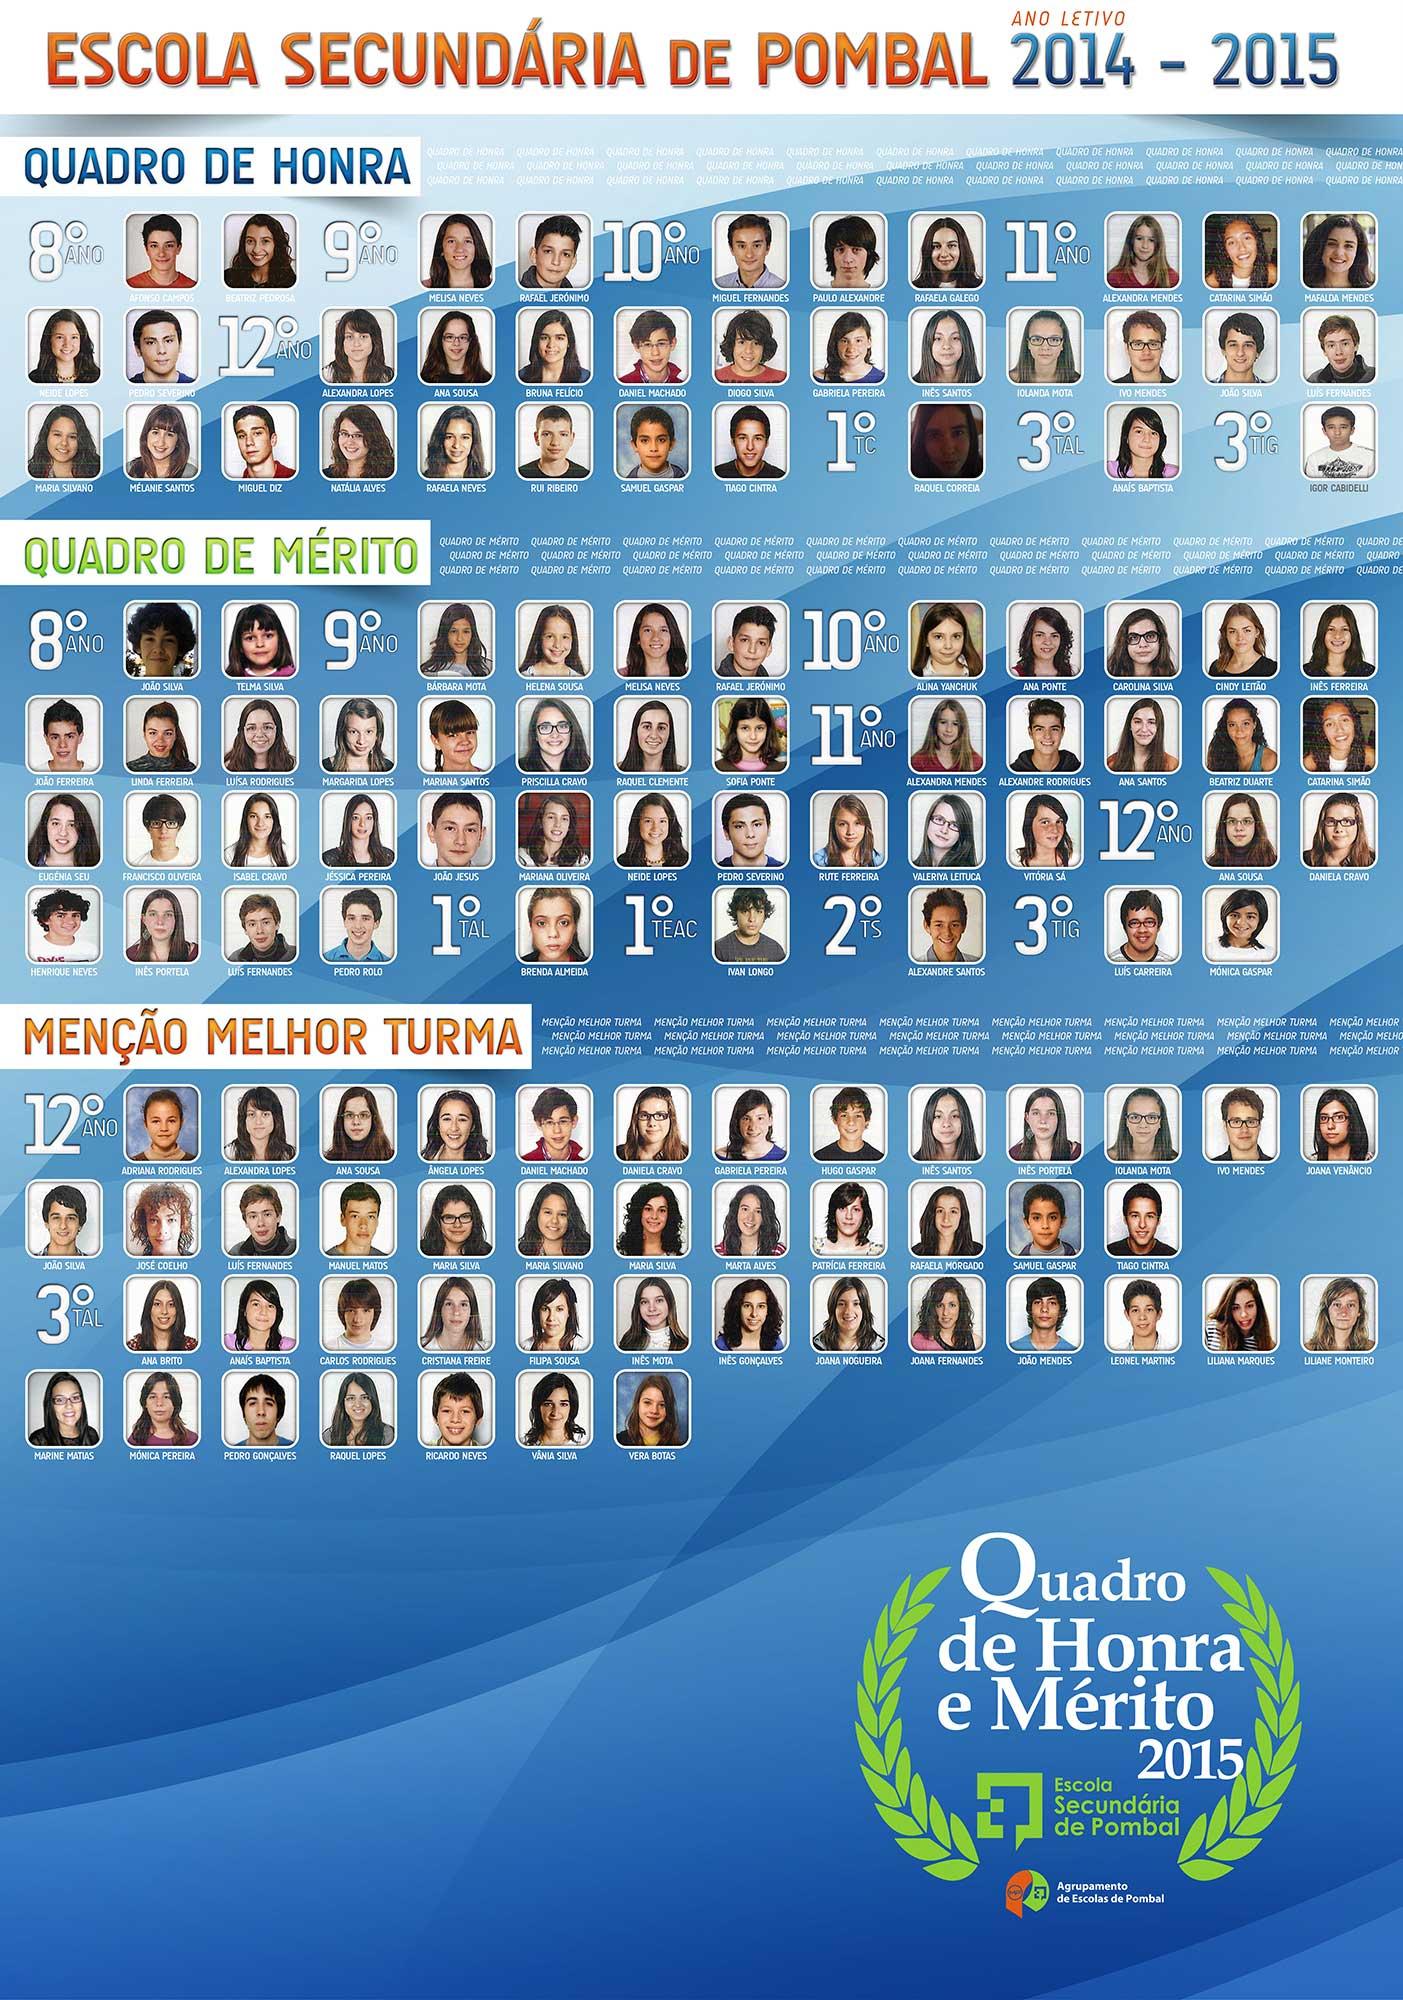 Honra Mérito 2015 (Quadro)